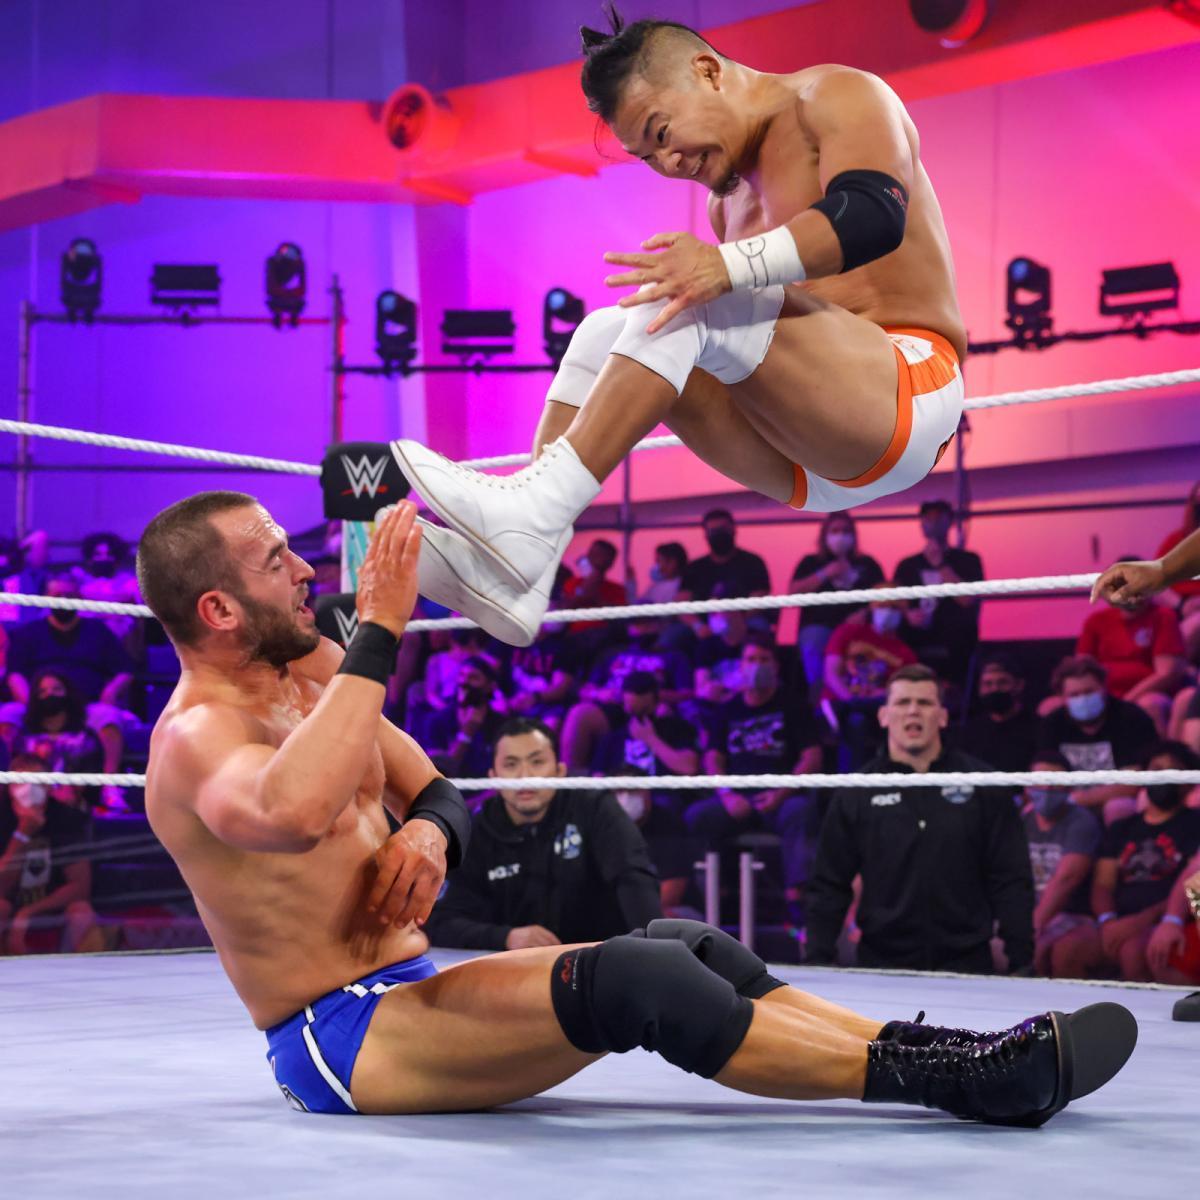 KUSHIDA(右)がドロップキックをストロングに決める (c)2021 WWE, Inc. All Rights Reserved